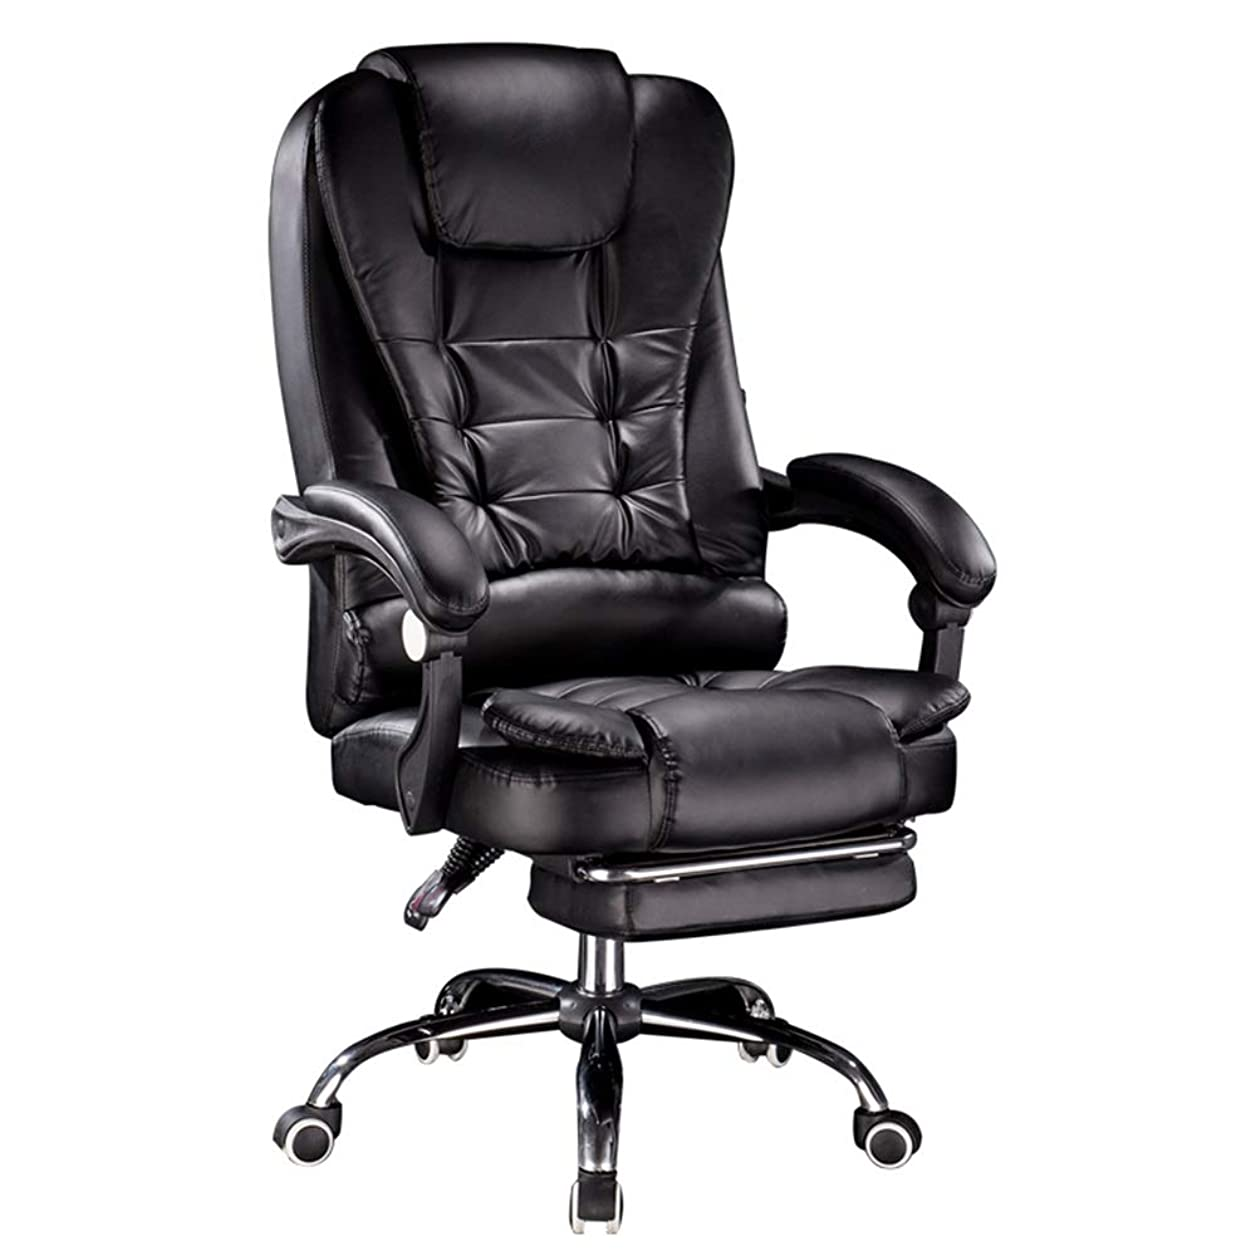 常習的メガロポリス追い払うLJFYXZ 社長椅子 肉厚クッション 事務椅子 チルトとマッサージ機能 足置き付 上下昇降機能 レザーチェア (Color : Black)